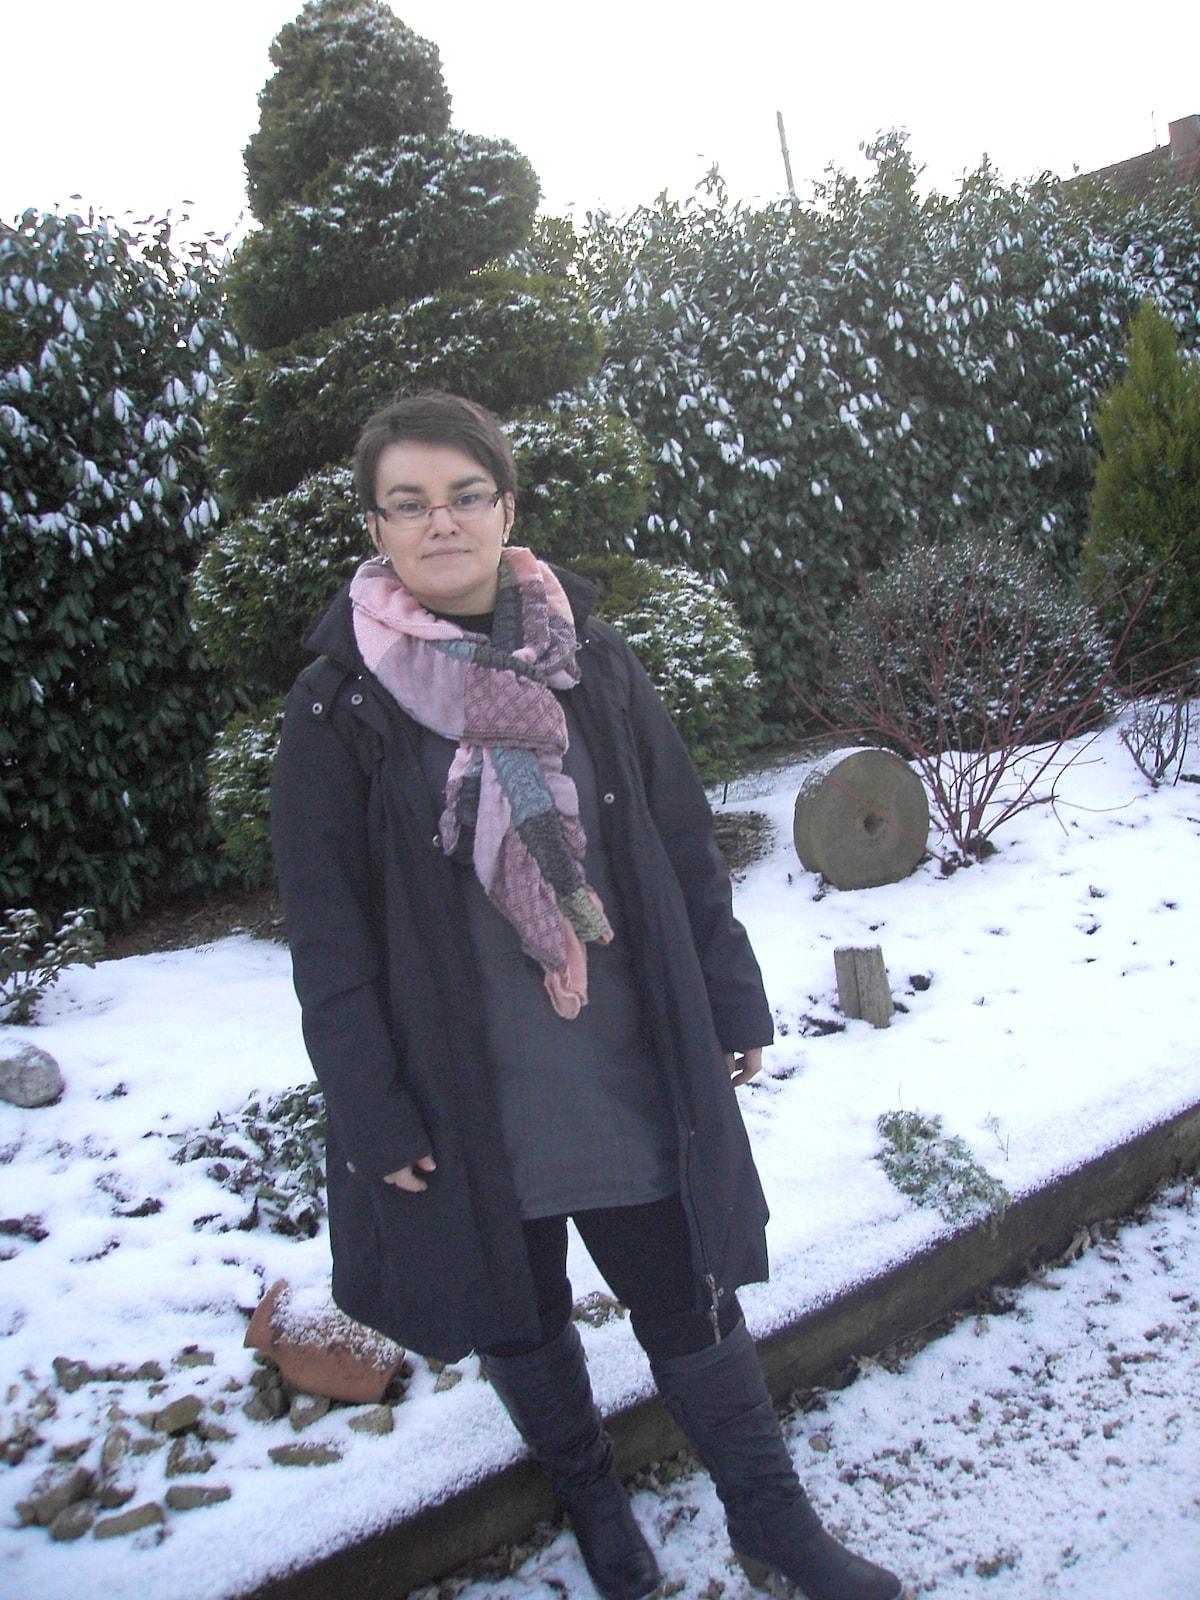 Isabelle from Scherwiller